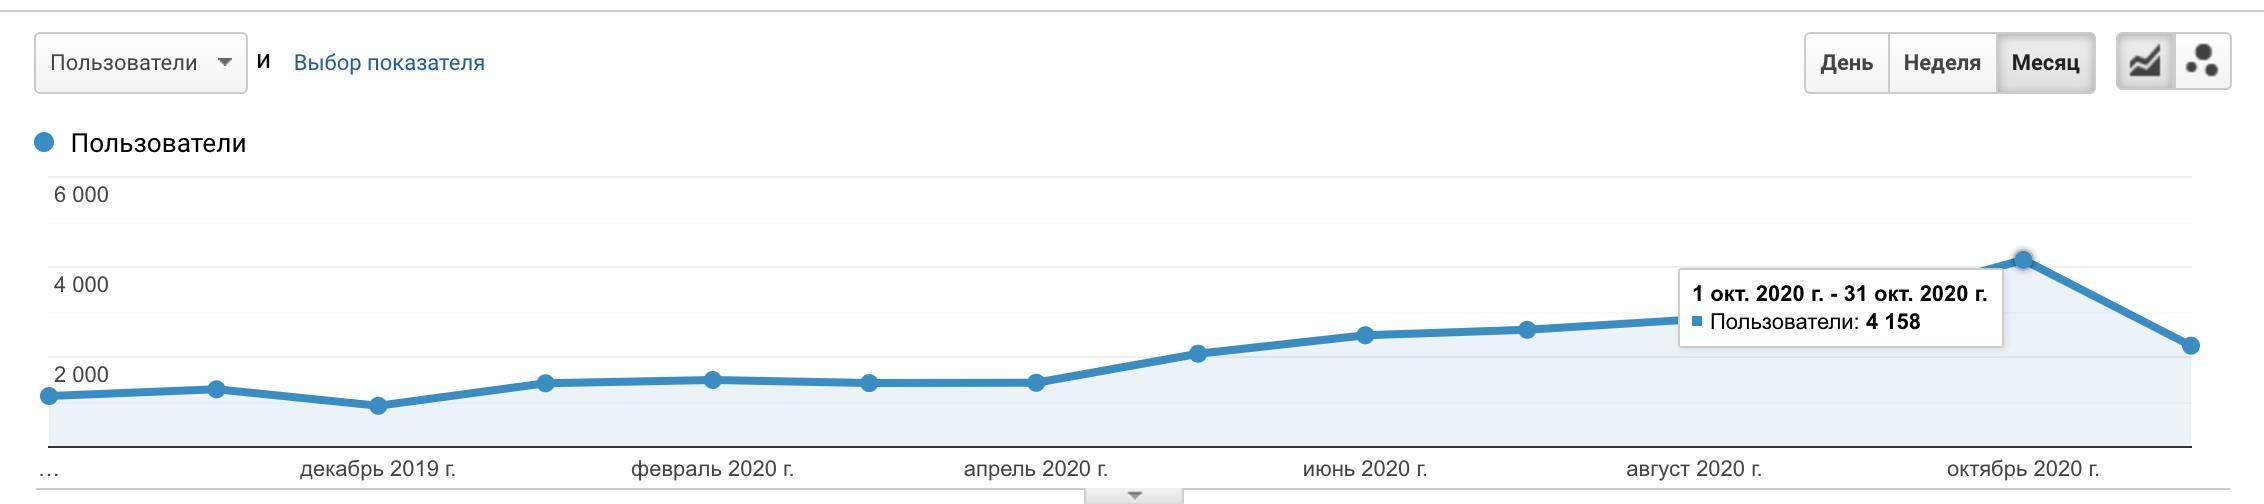 трафик на сейчас (октябрь 2020 года) - 4158 пользователей в месяц